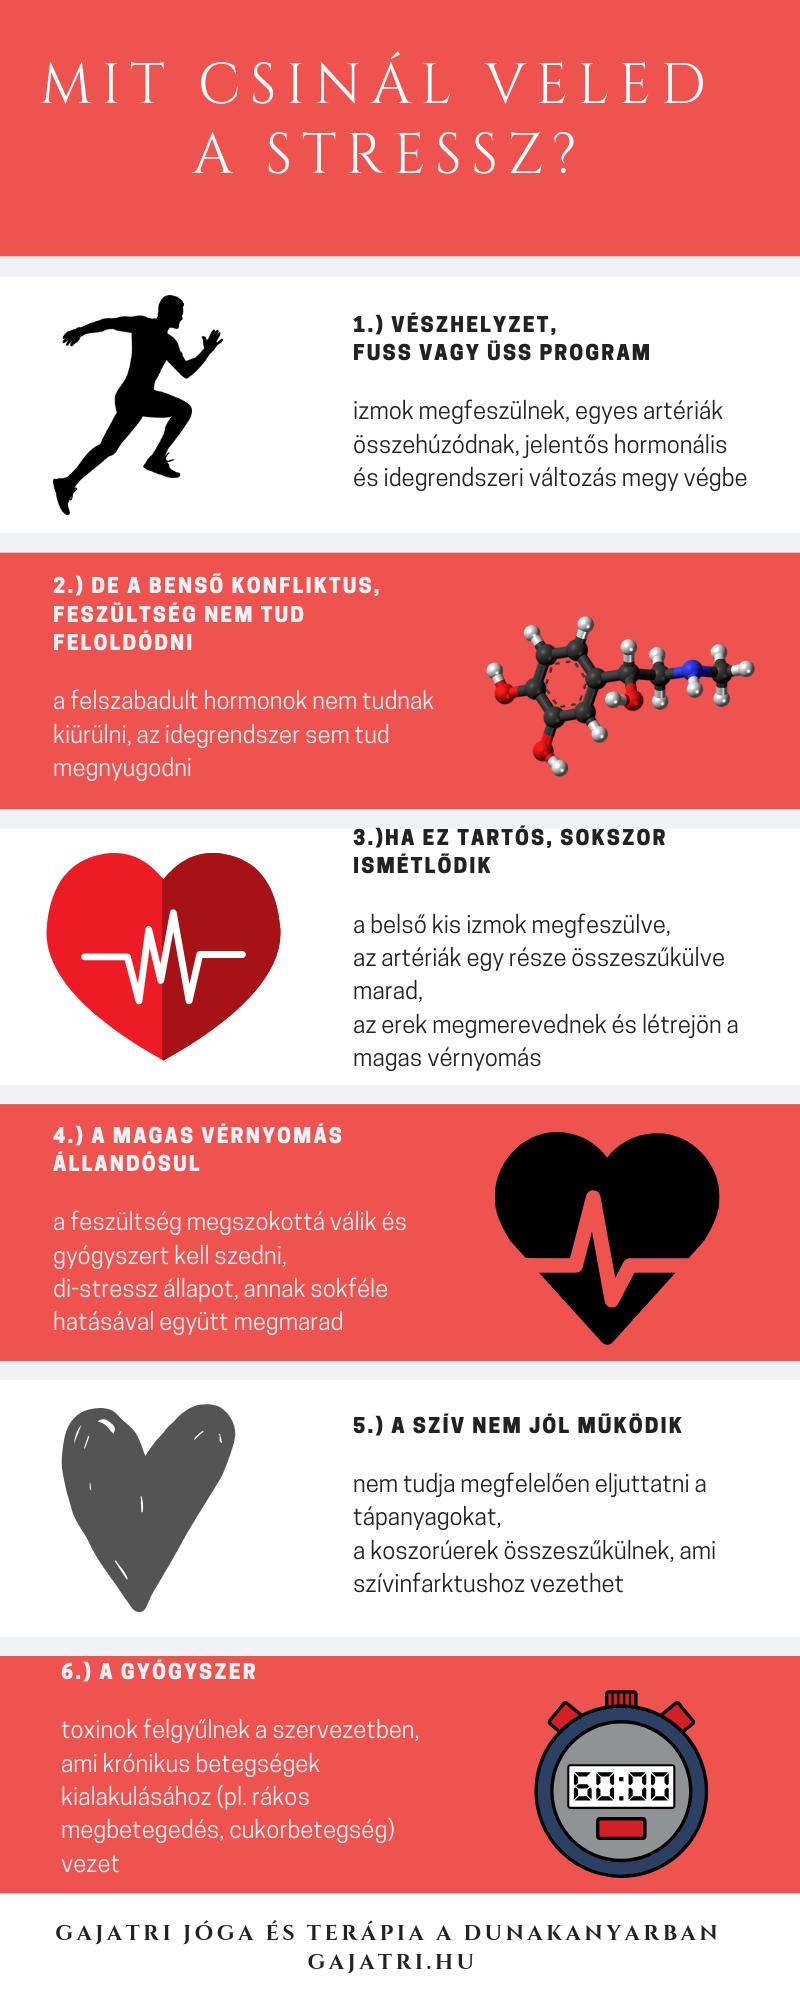 magas vérnyomás elleni gyógyszerek l betűvel diéta egy hétig magas vérnyomás esetén